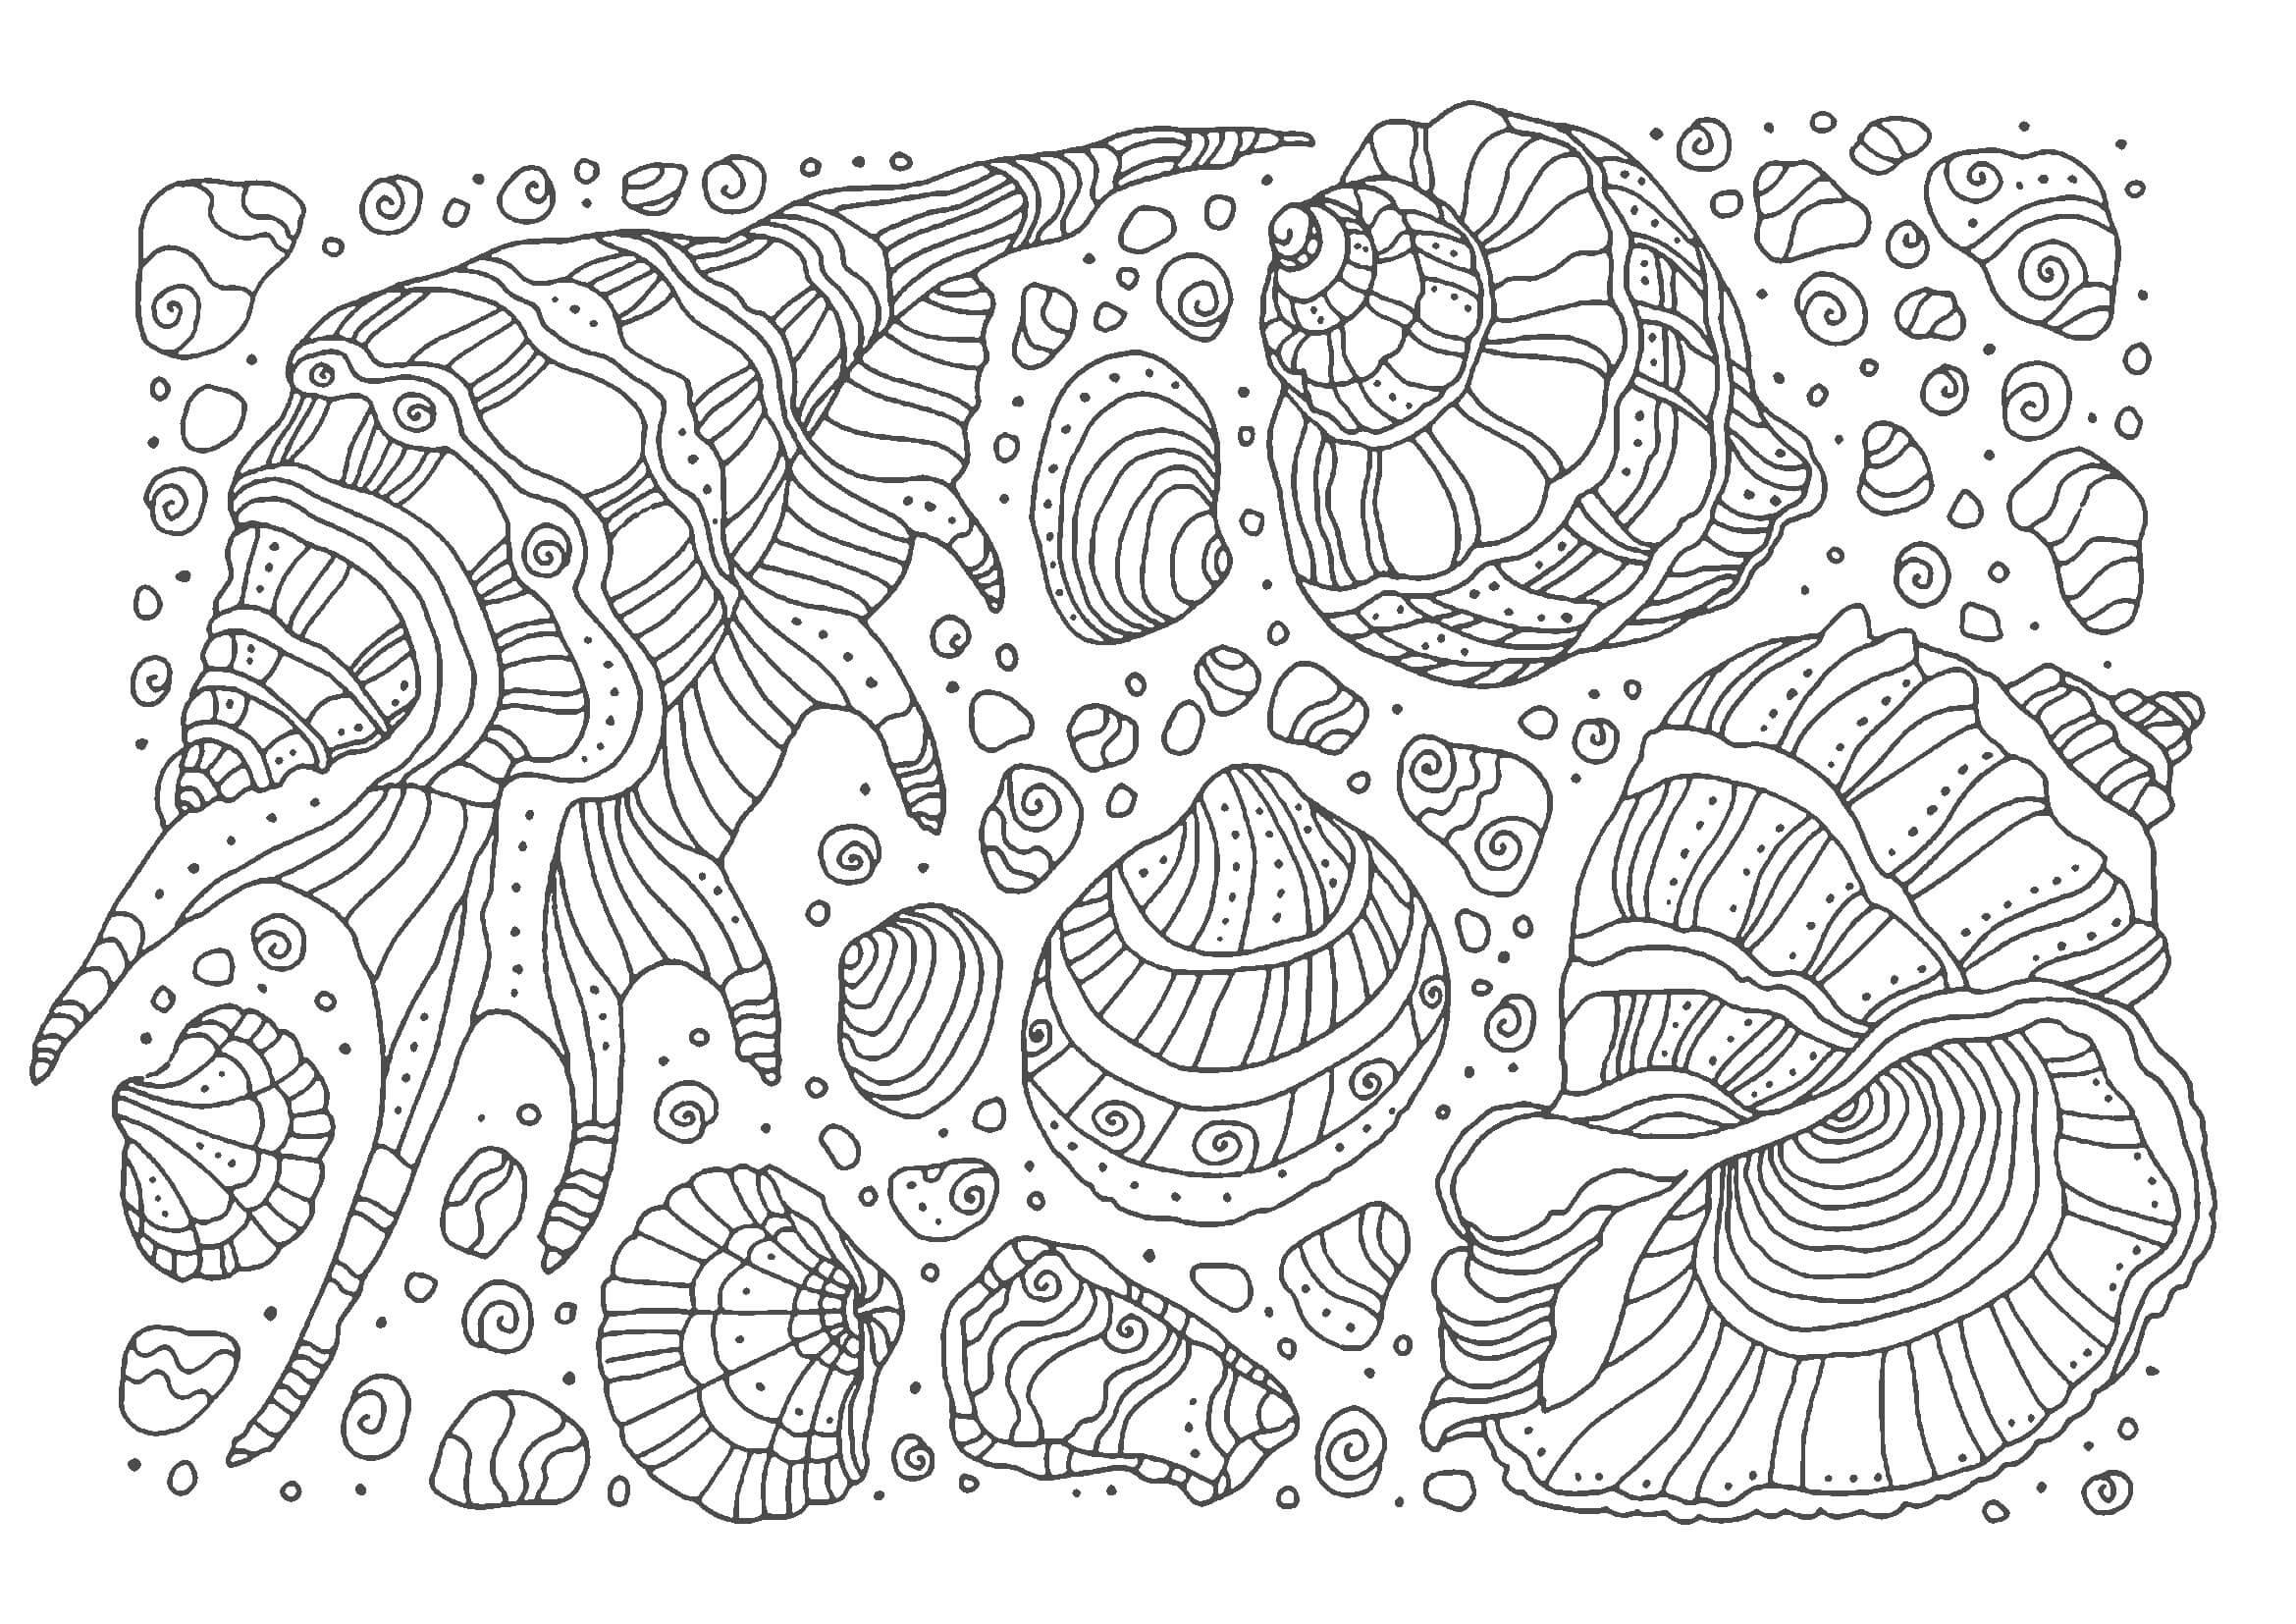 貝殻01,A4無料印刷の大人のぬりえ